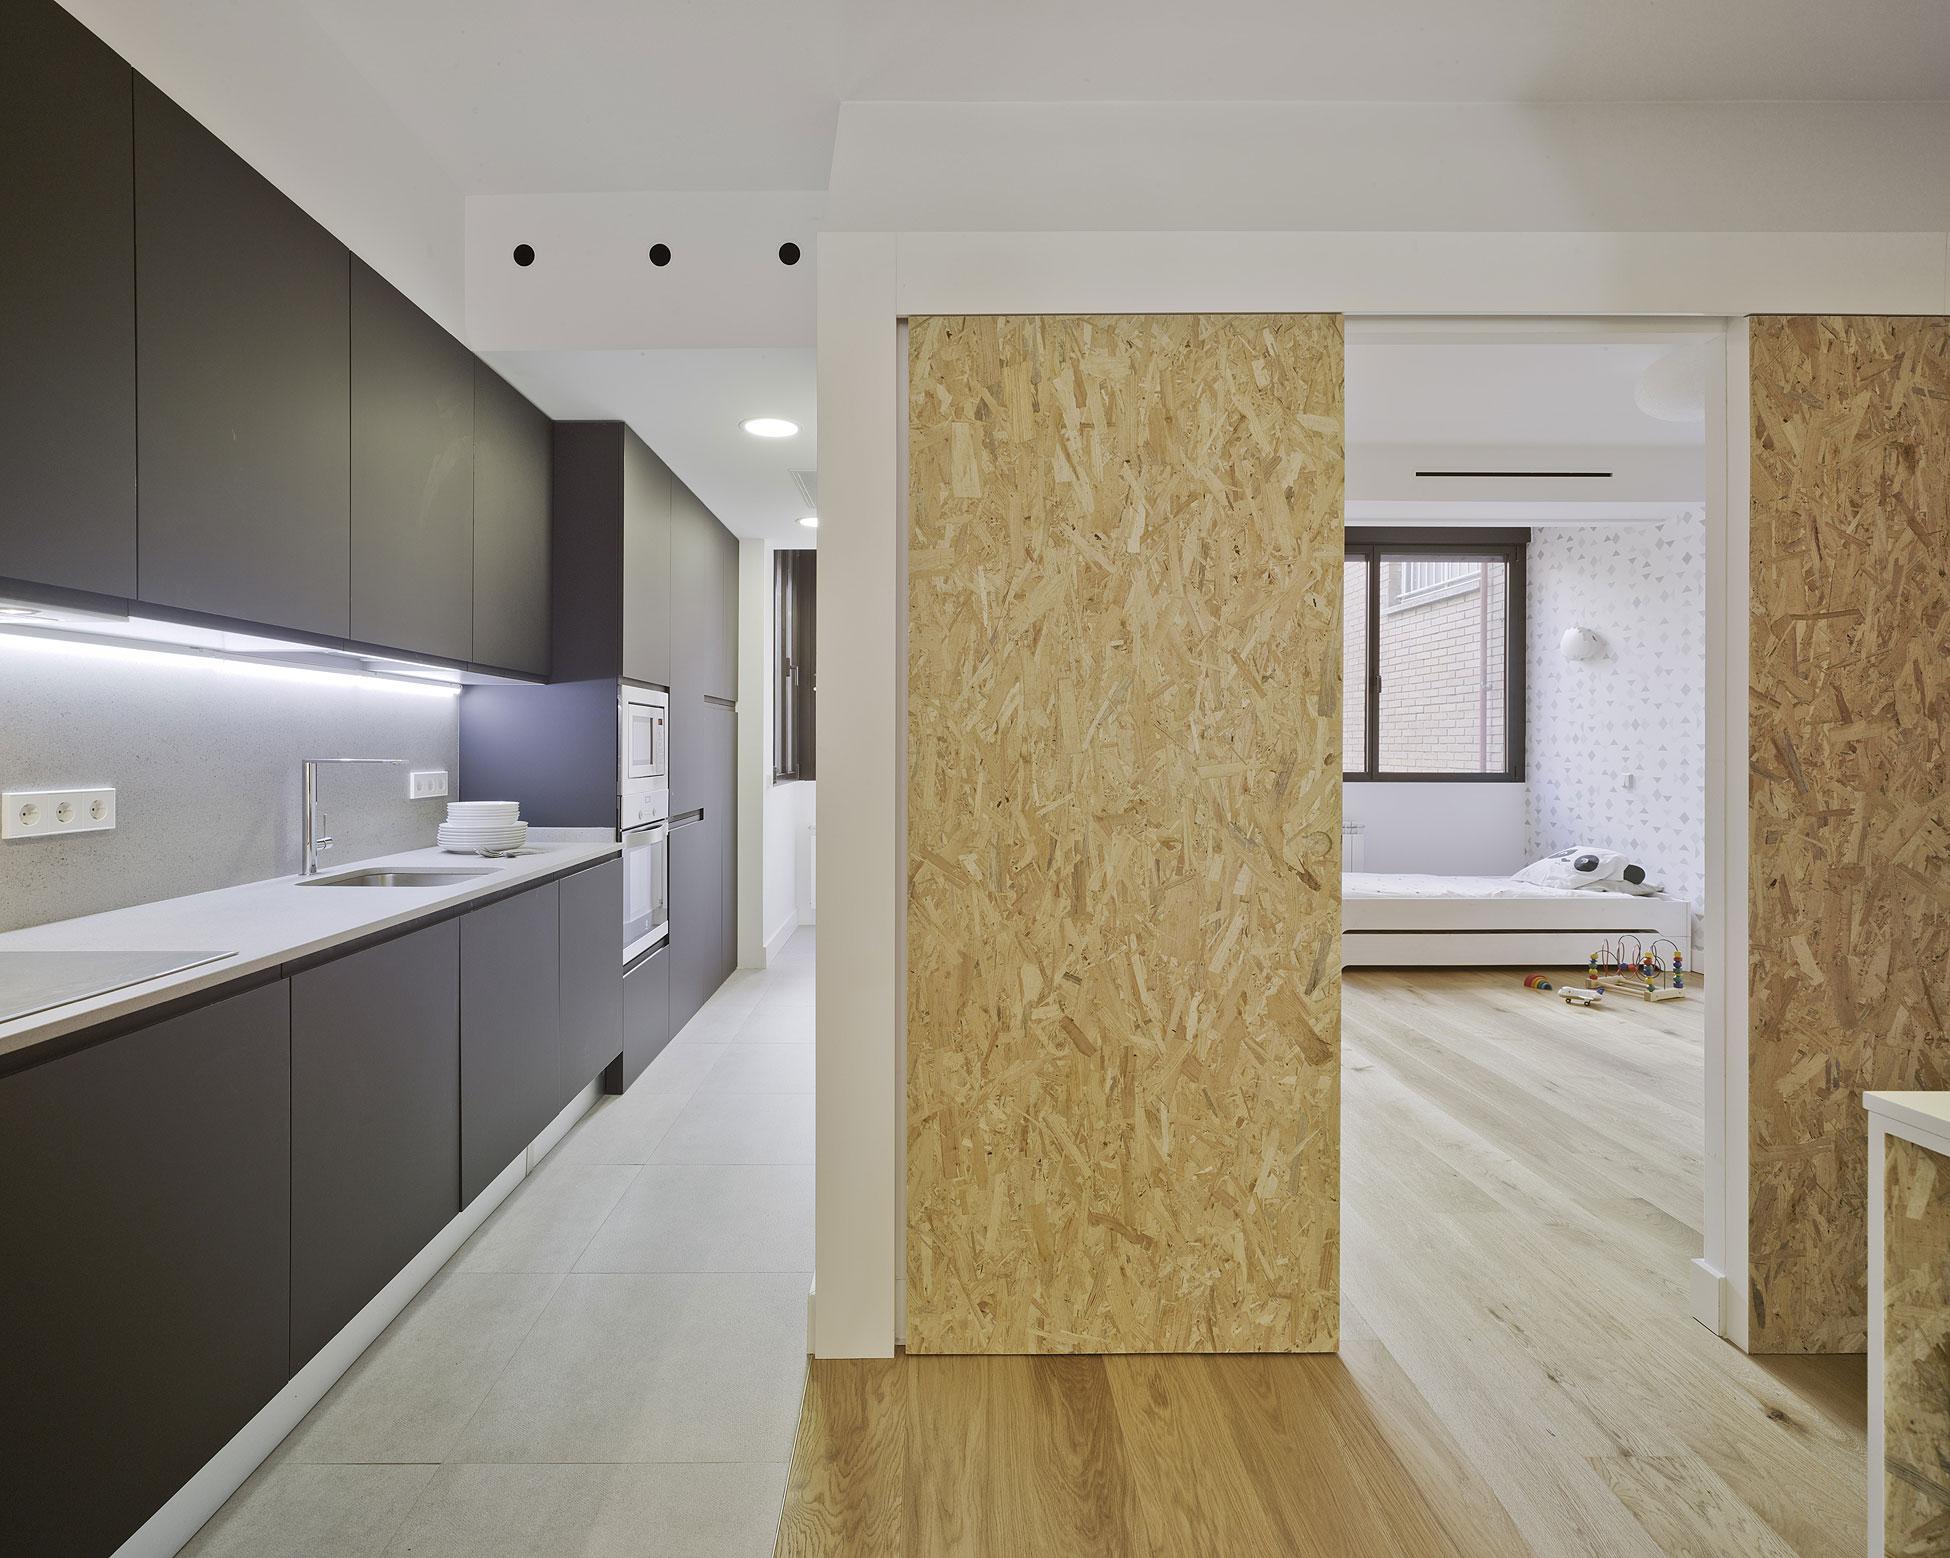 Una Casa Elegante Y Atemporal De Pablo Belda Y Tom S Amat # Muebles Laura Elda